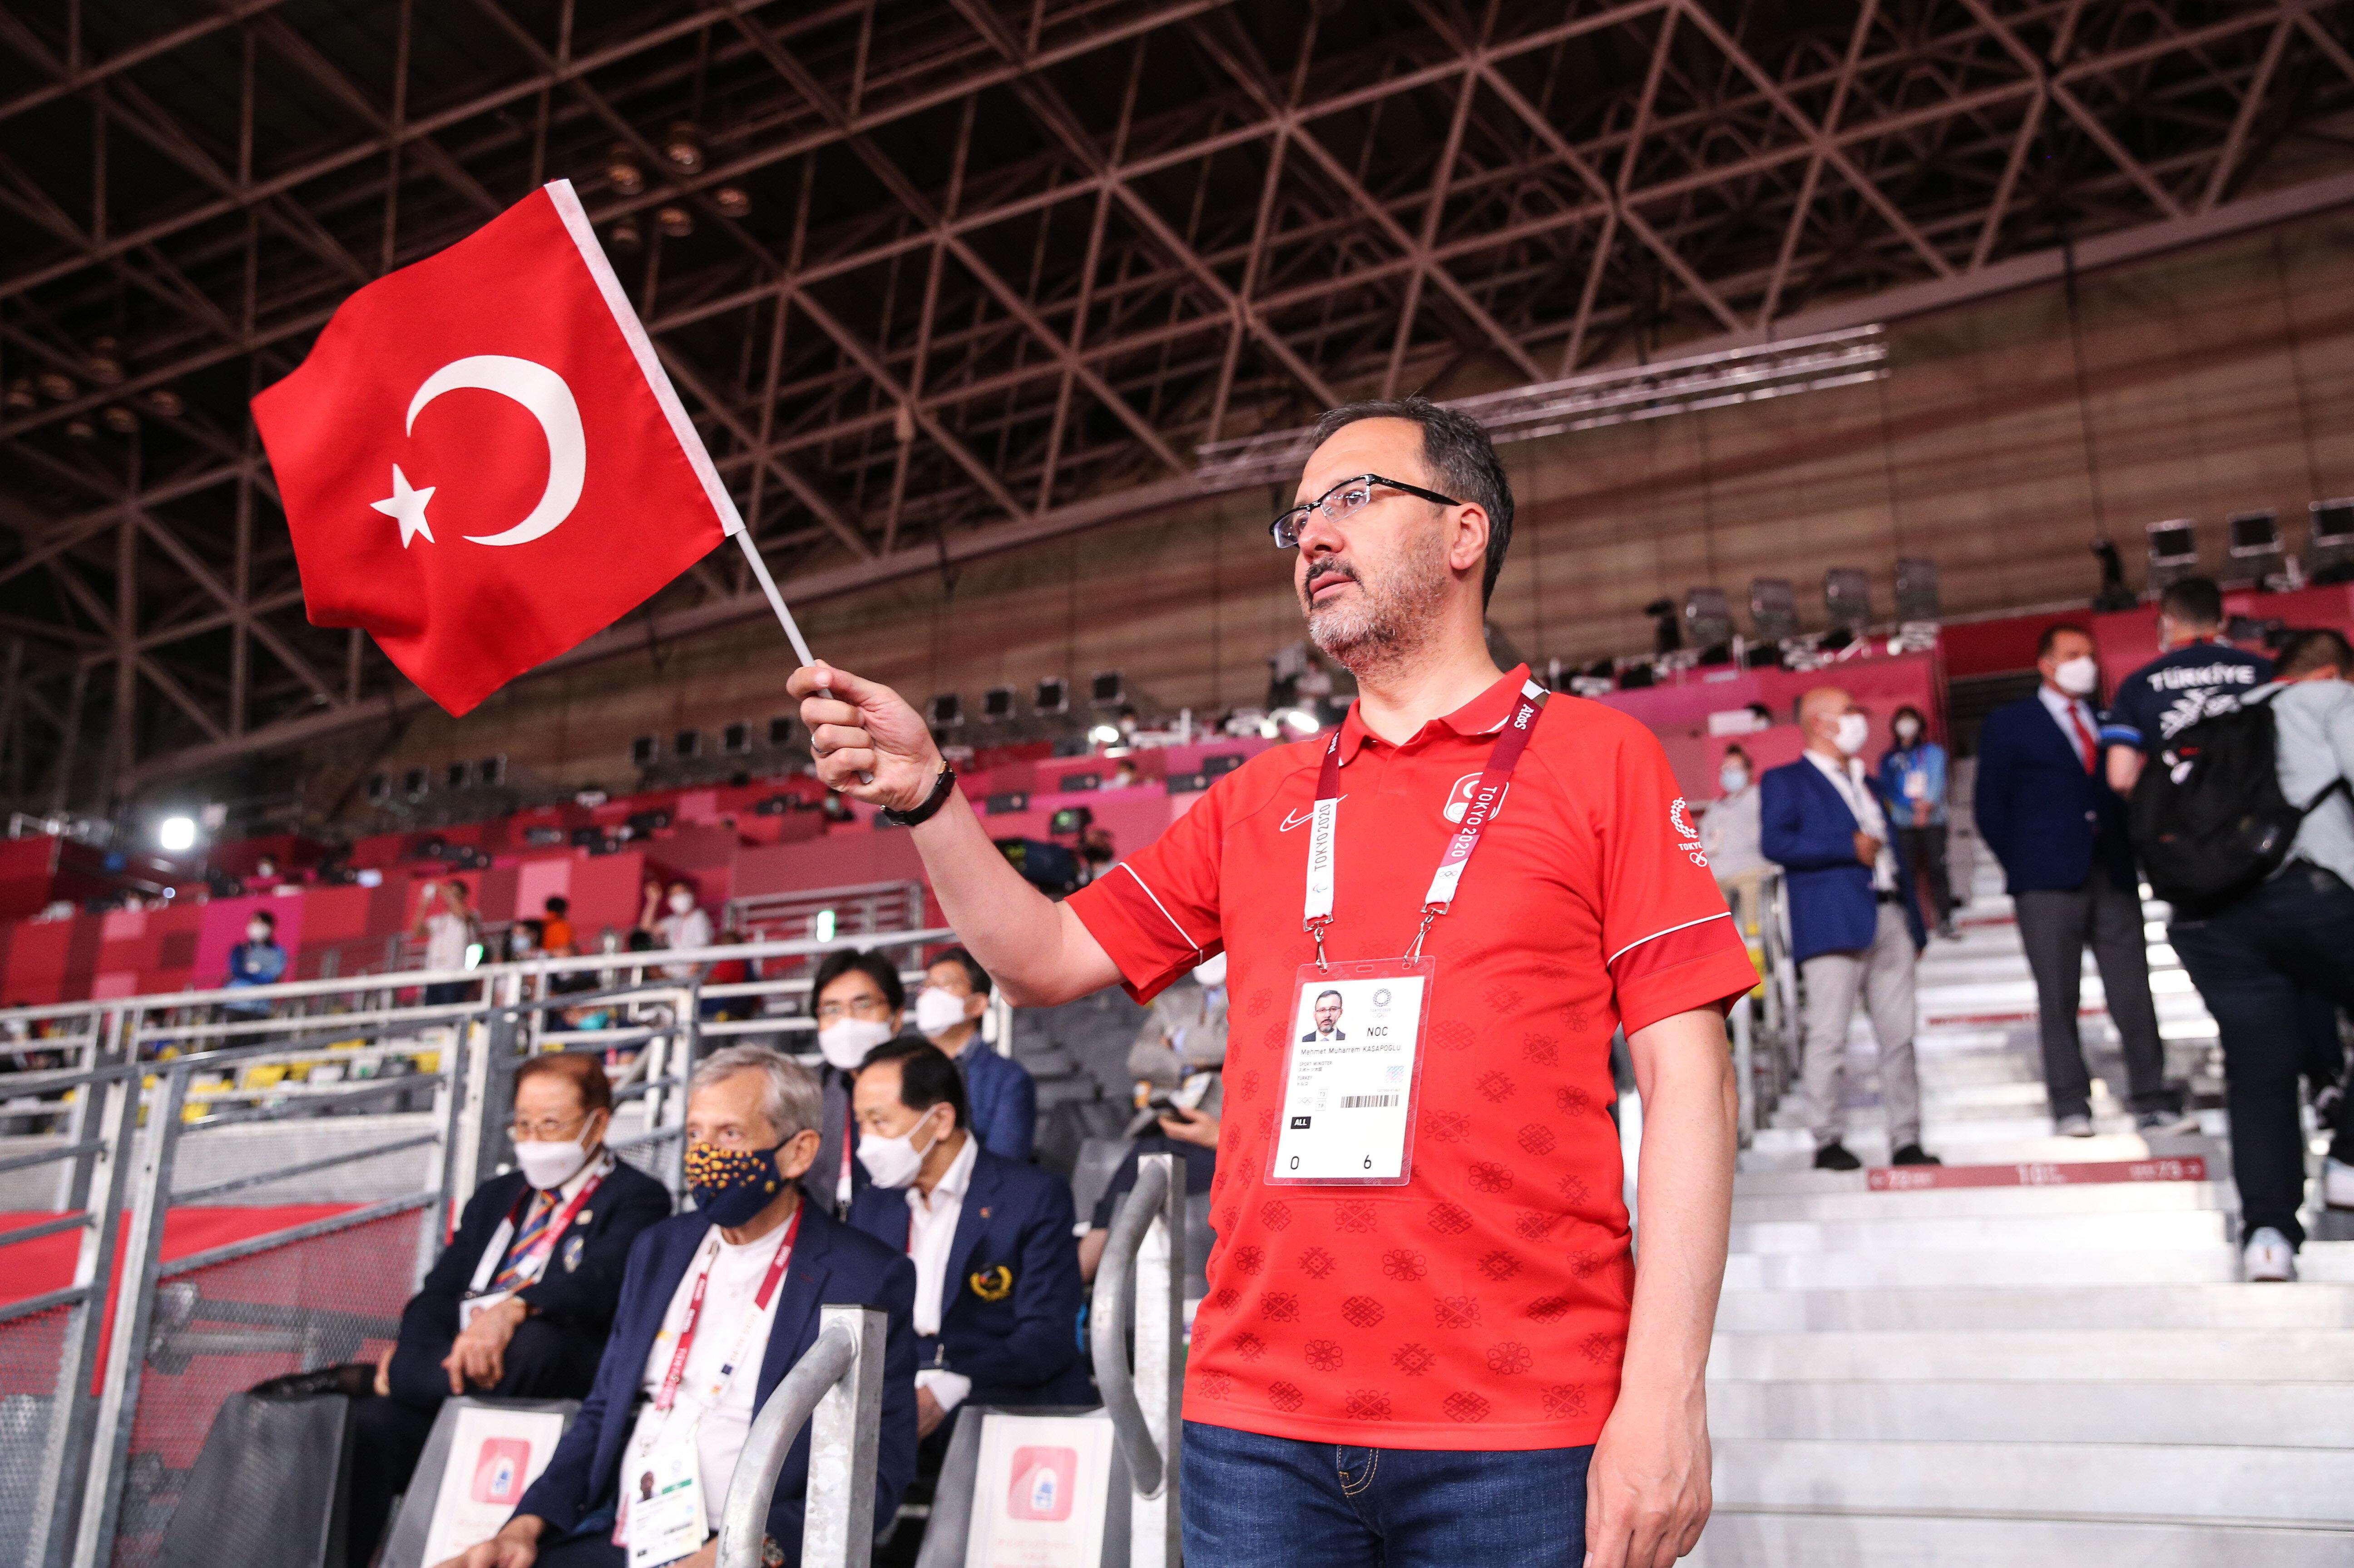 Bakan Kasapoğlu milli sporcuya tribünden destek verdi.